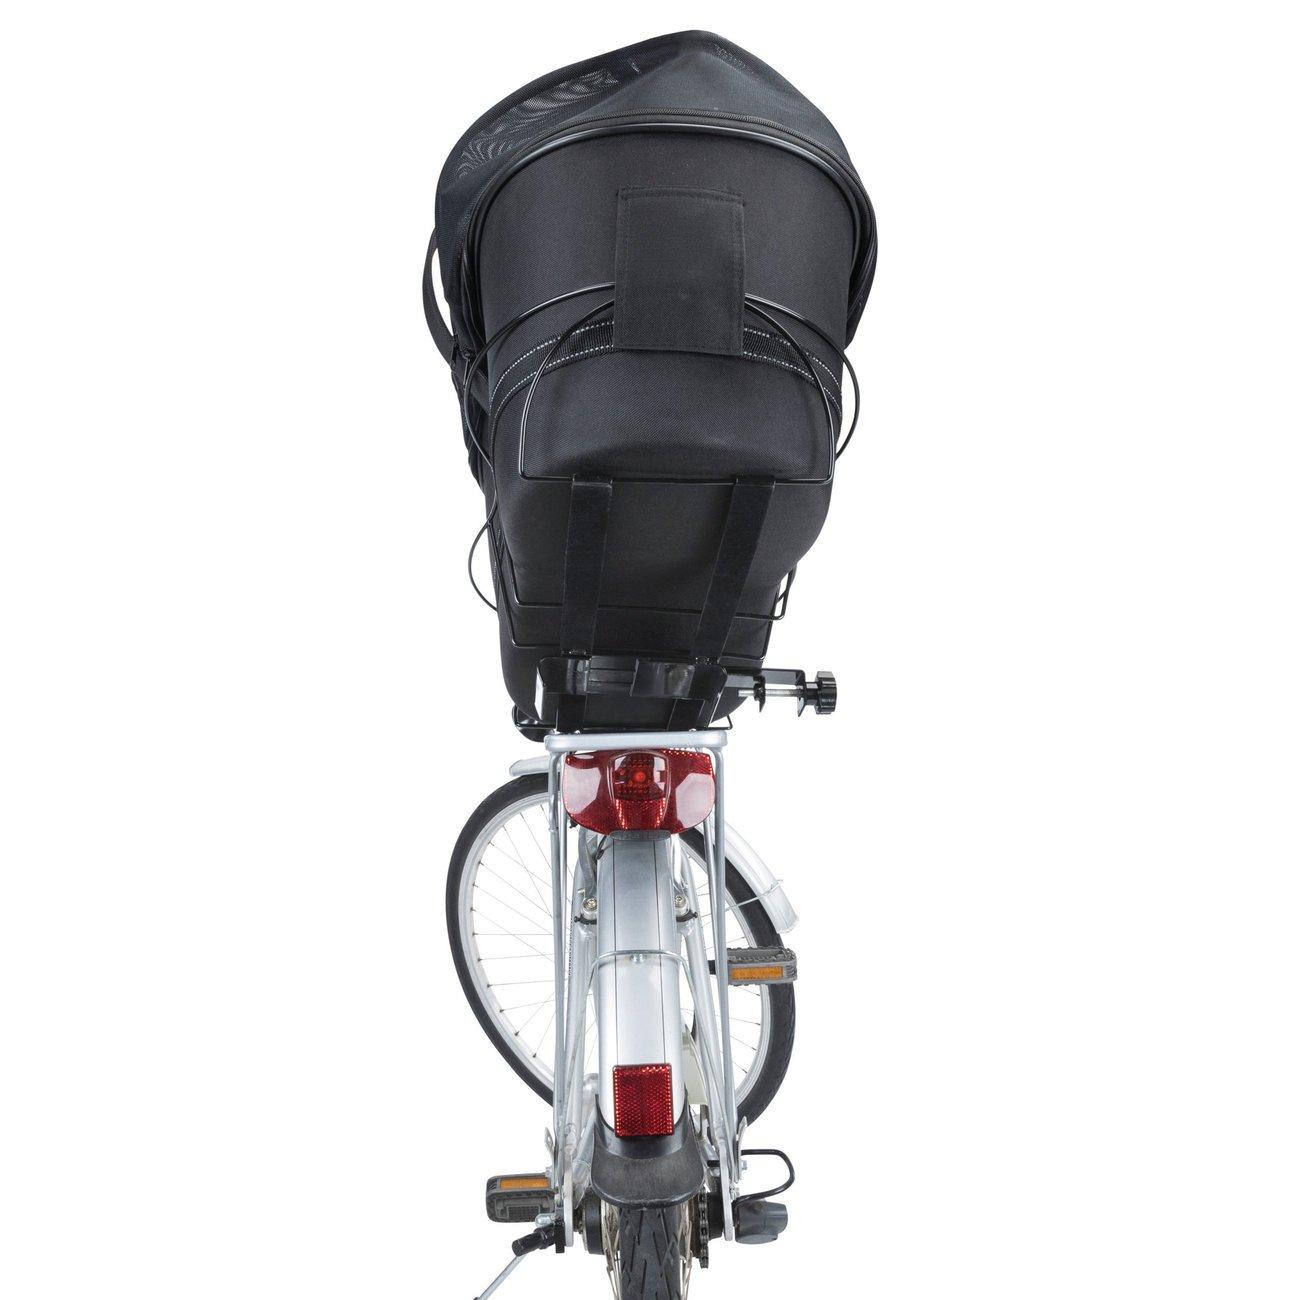 TRIXIE Hunde Fahrradkorb Long für breite Gepäckträger 13110, Bild 21